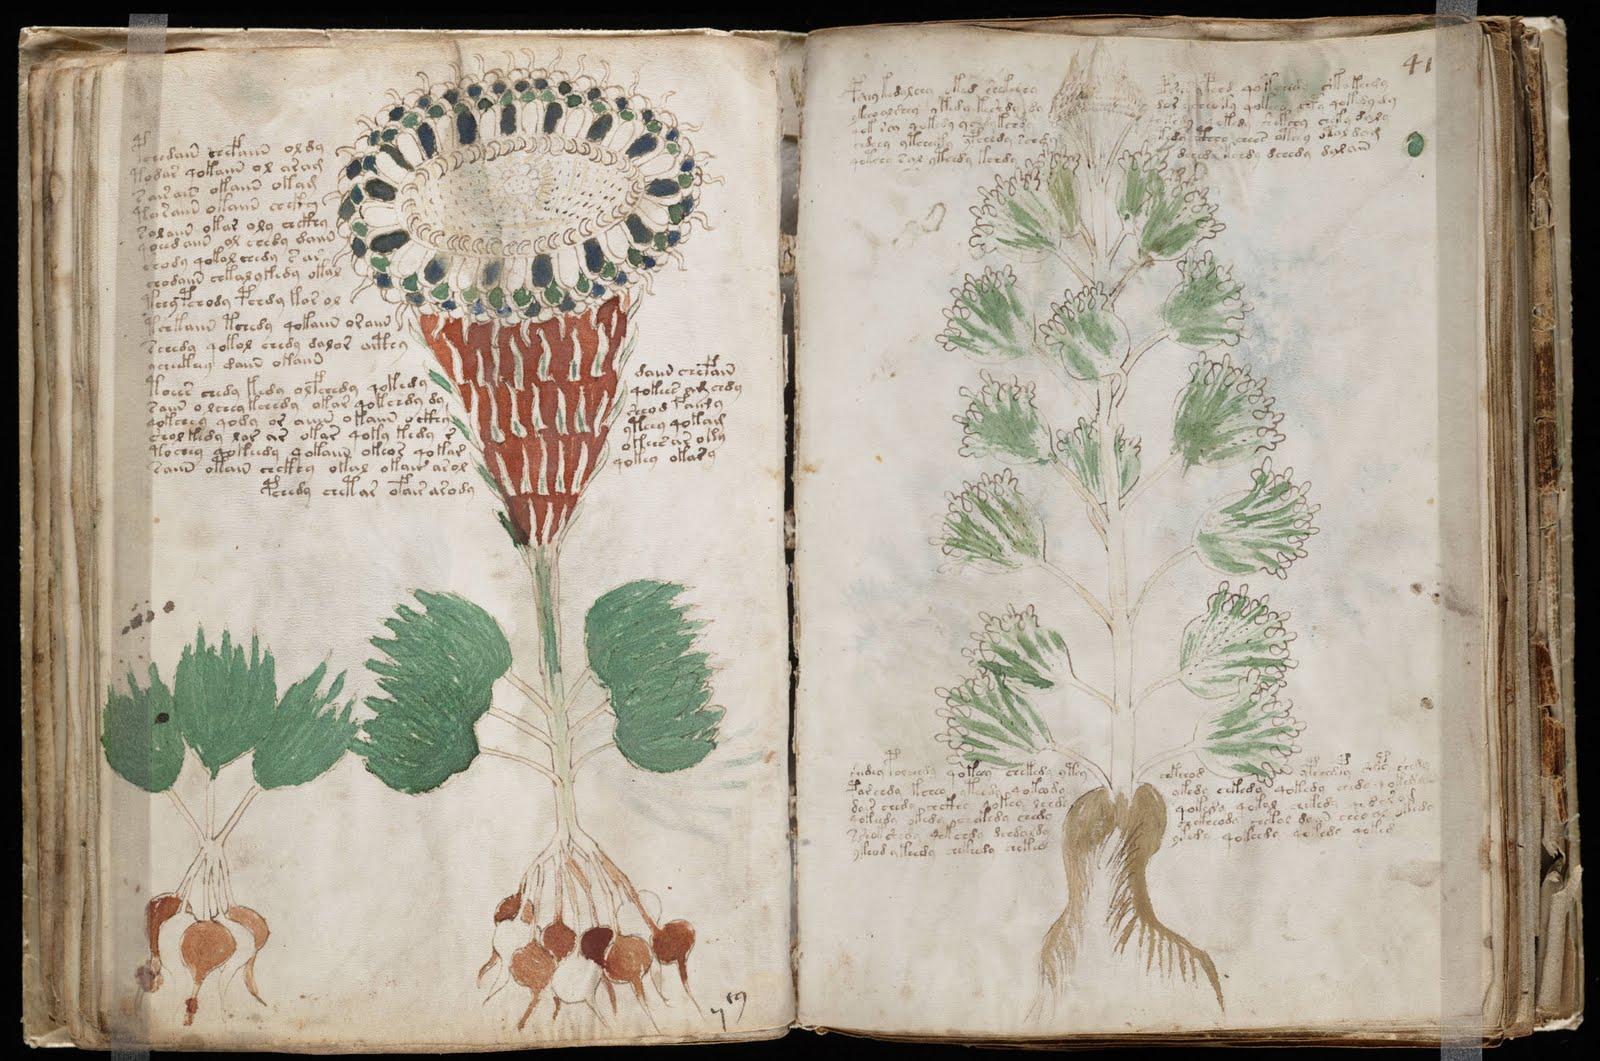 Contoh Gambar Ilustrasi Manuskrip Hilustrasi